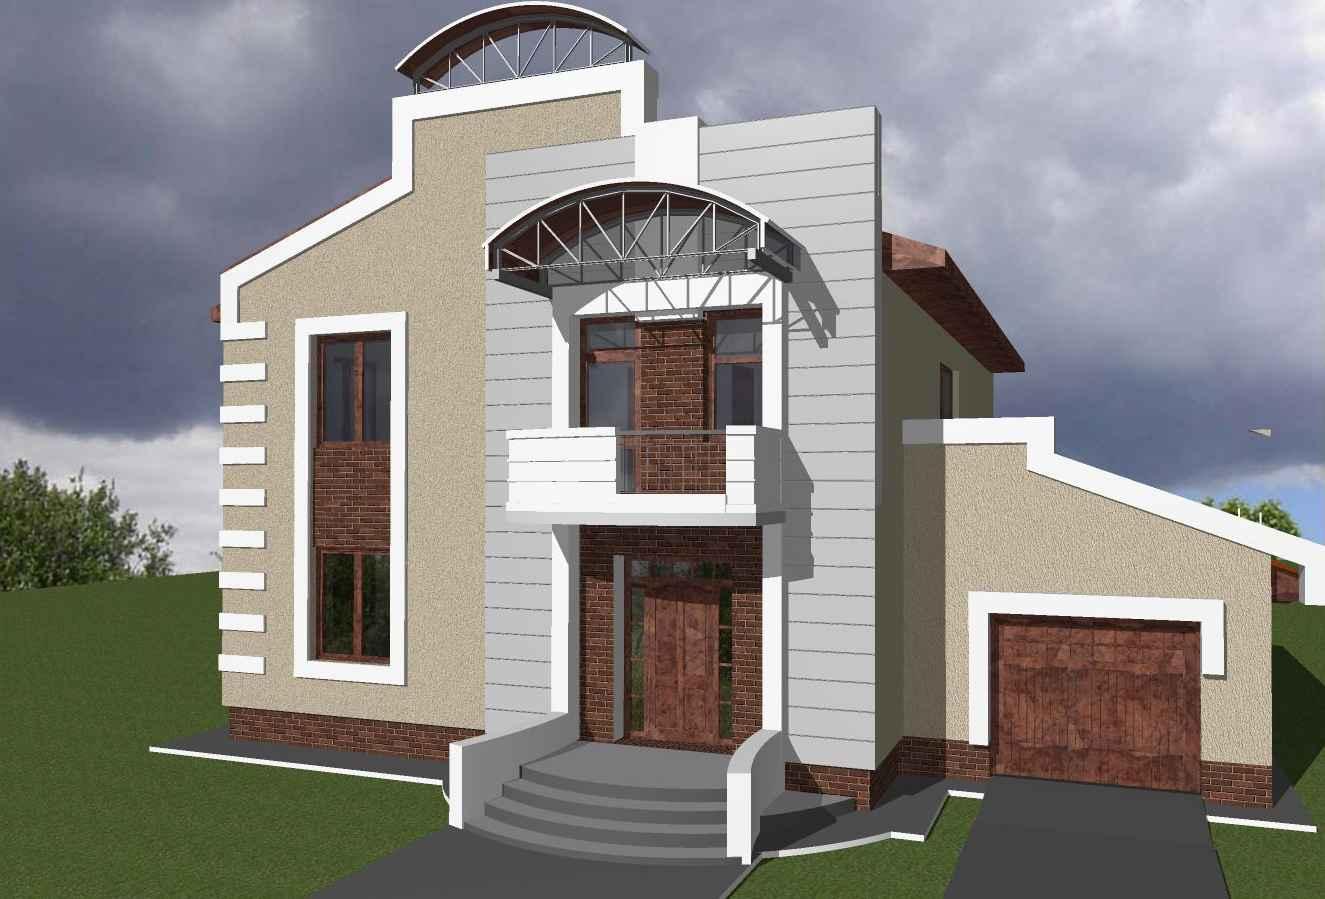 Modelos de casas dise os de casas y fachadas fotos de for Disenos de casas chicas